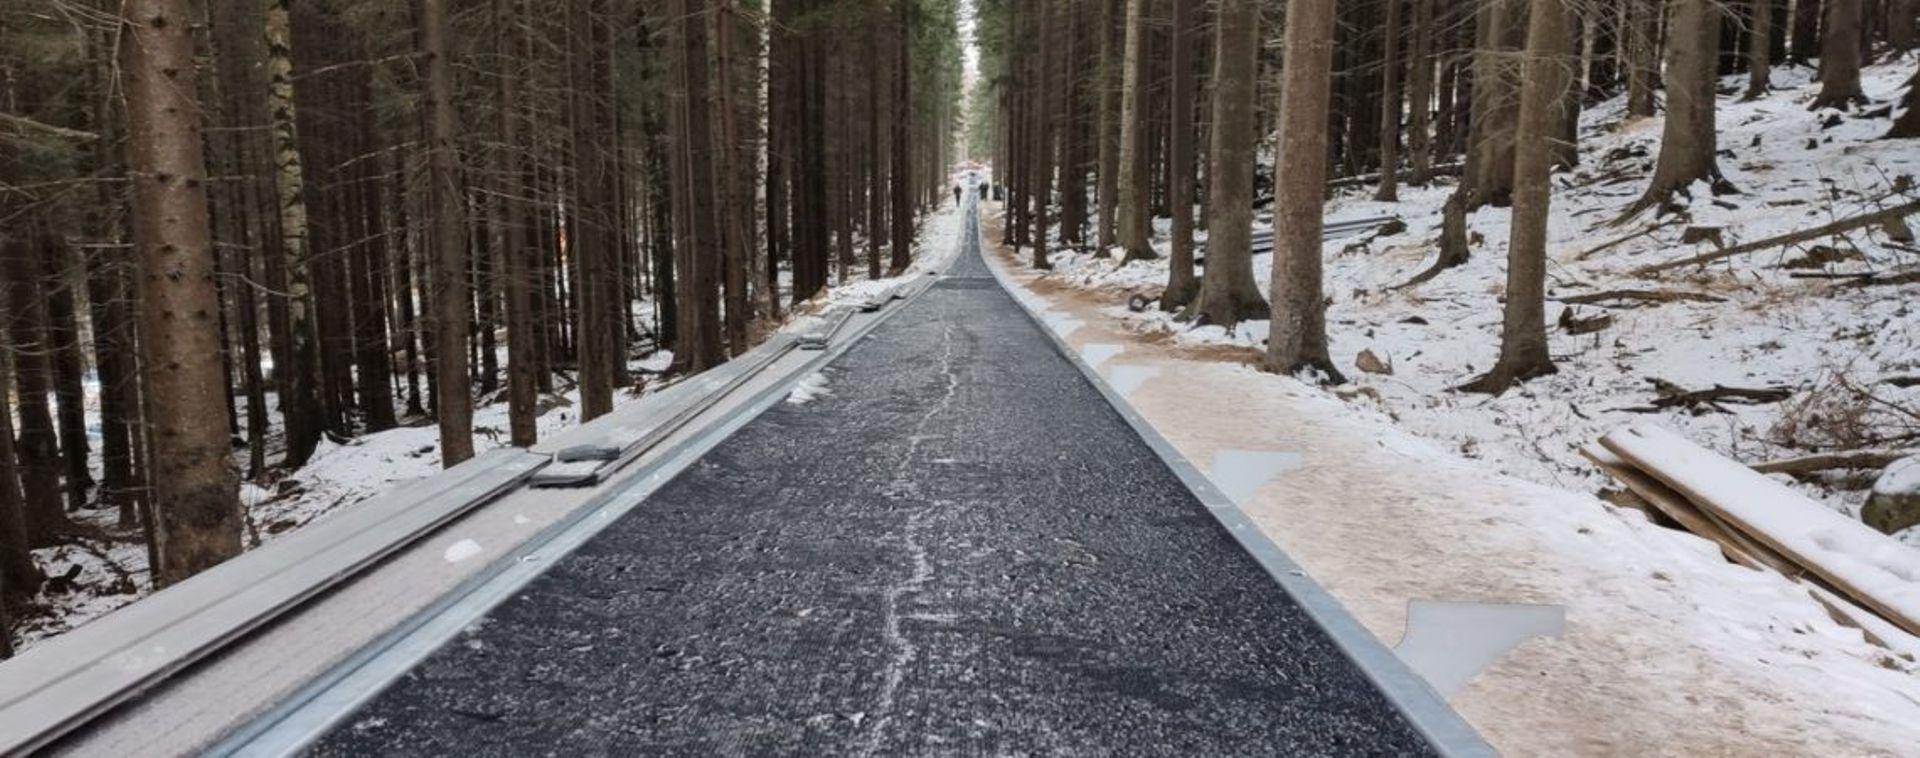 W Karpaczu w sezonie zimowym uruchomiona zostanie najdłuższa taśma narciarska w Polsce